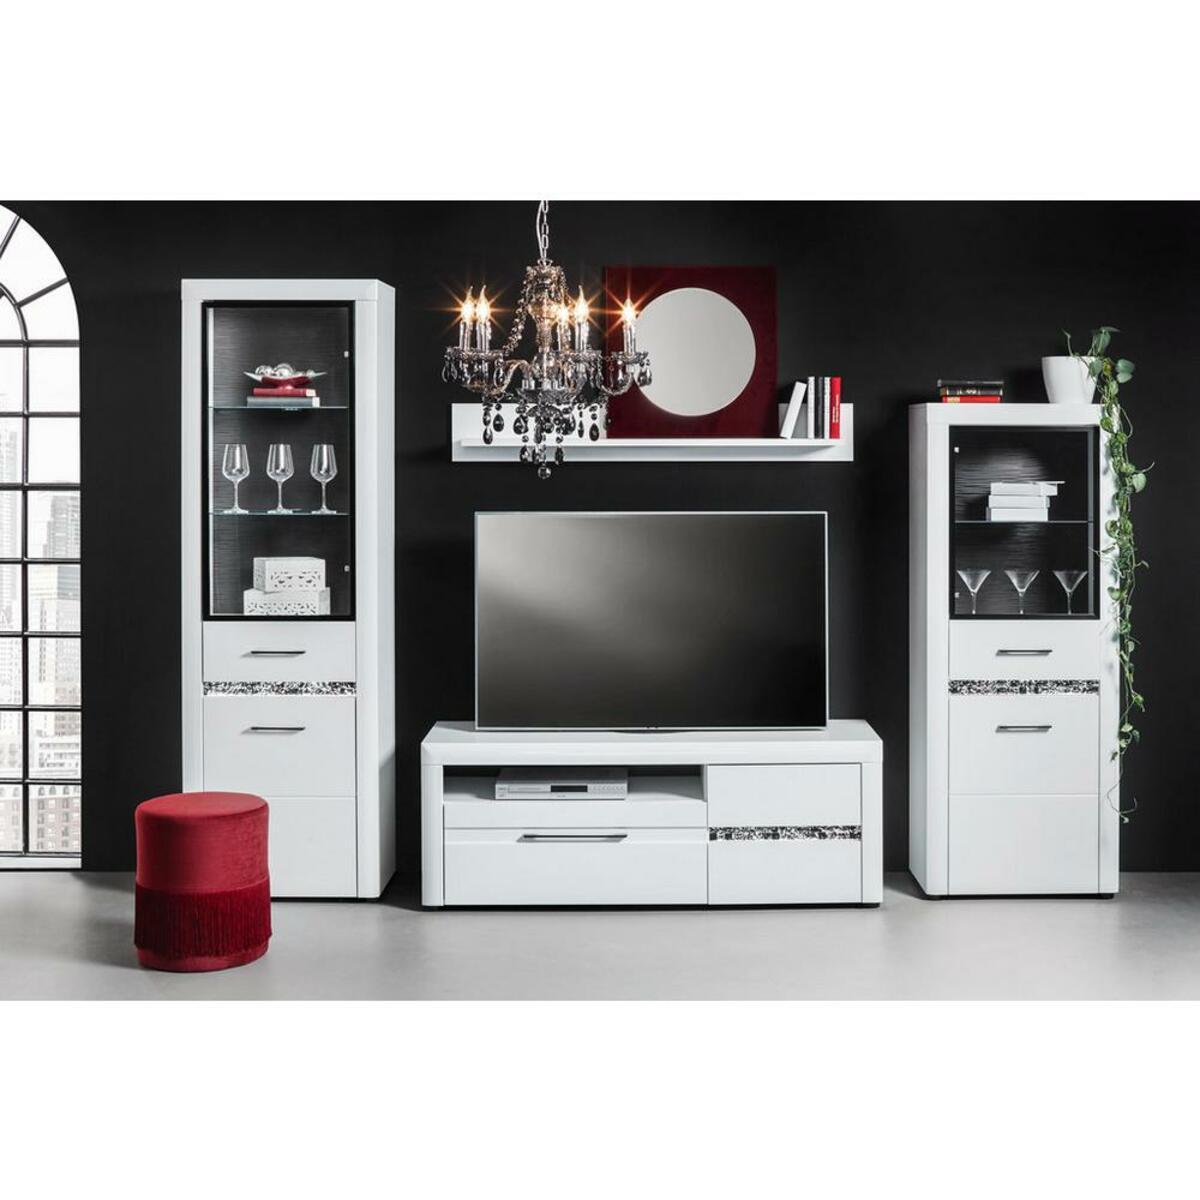 Bild 3 von TV-Element in Weiß Hochglanz